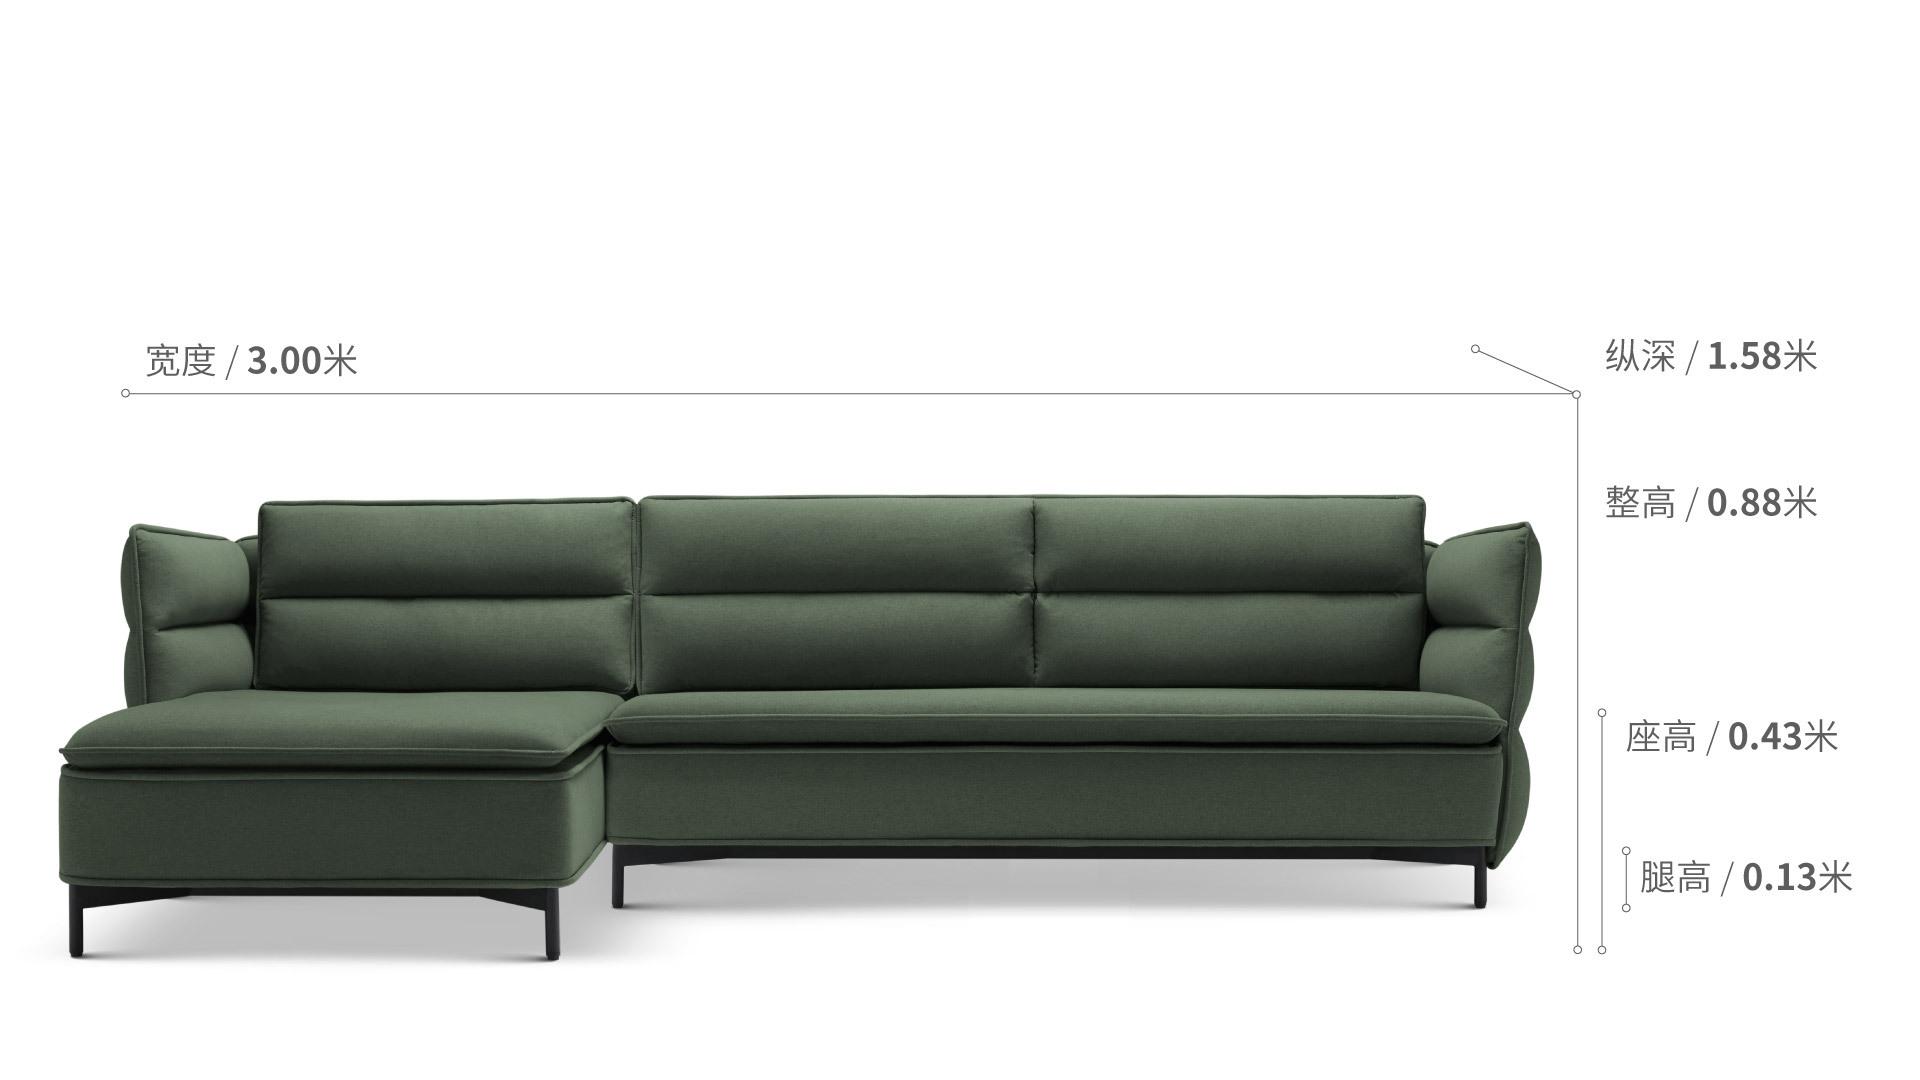 半月湾沙发矮背转角三人座单扶手沙发效果图